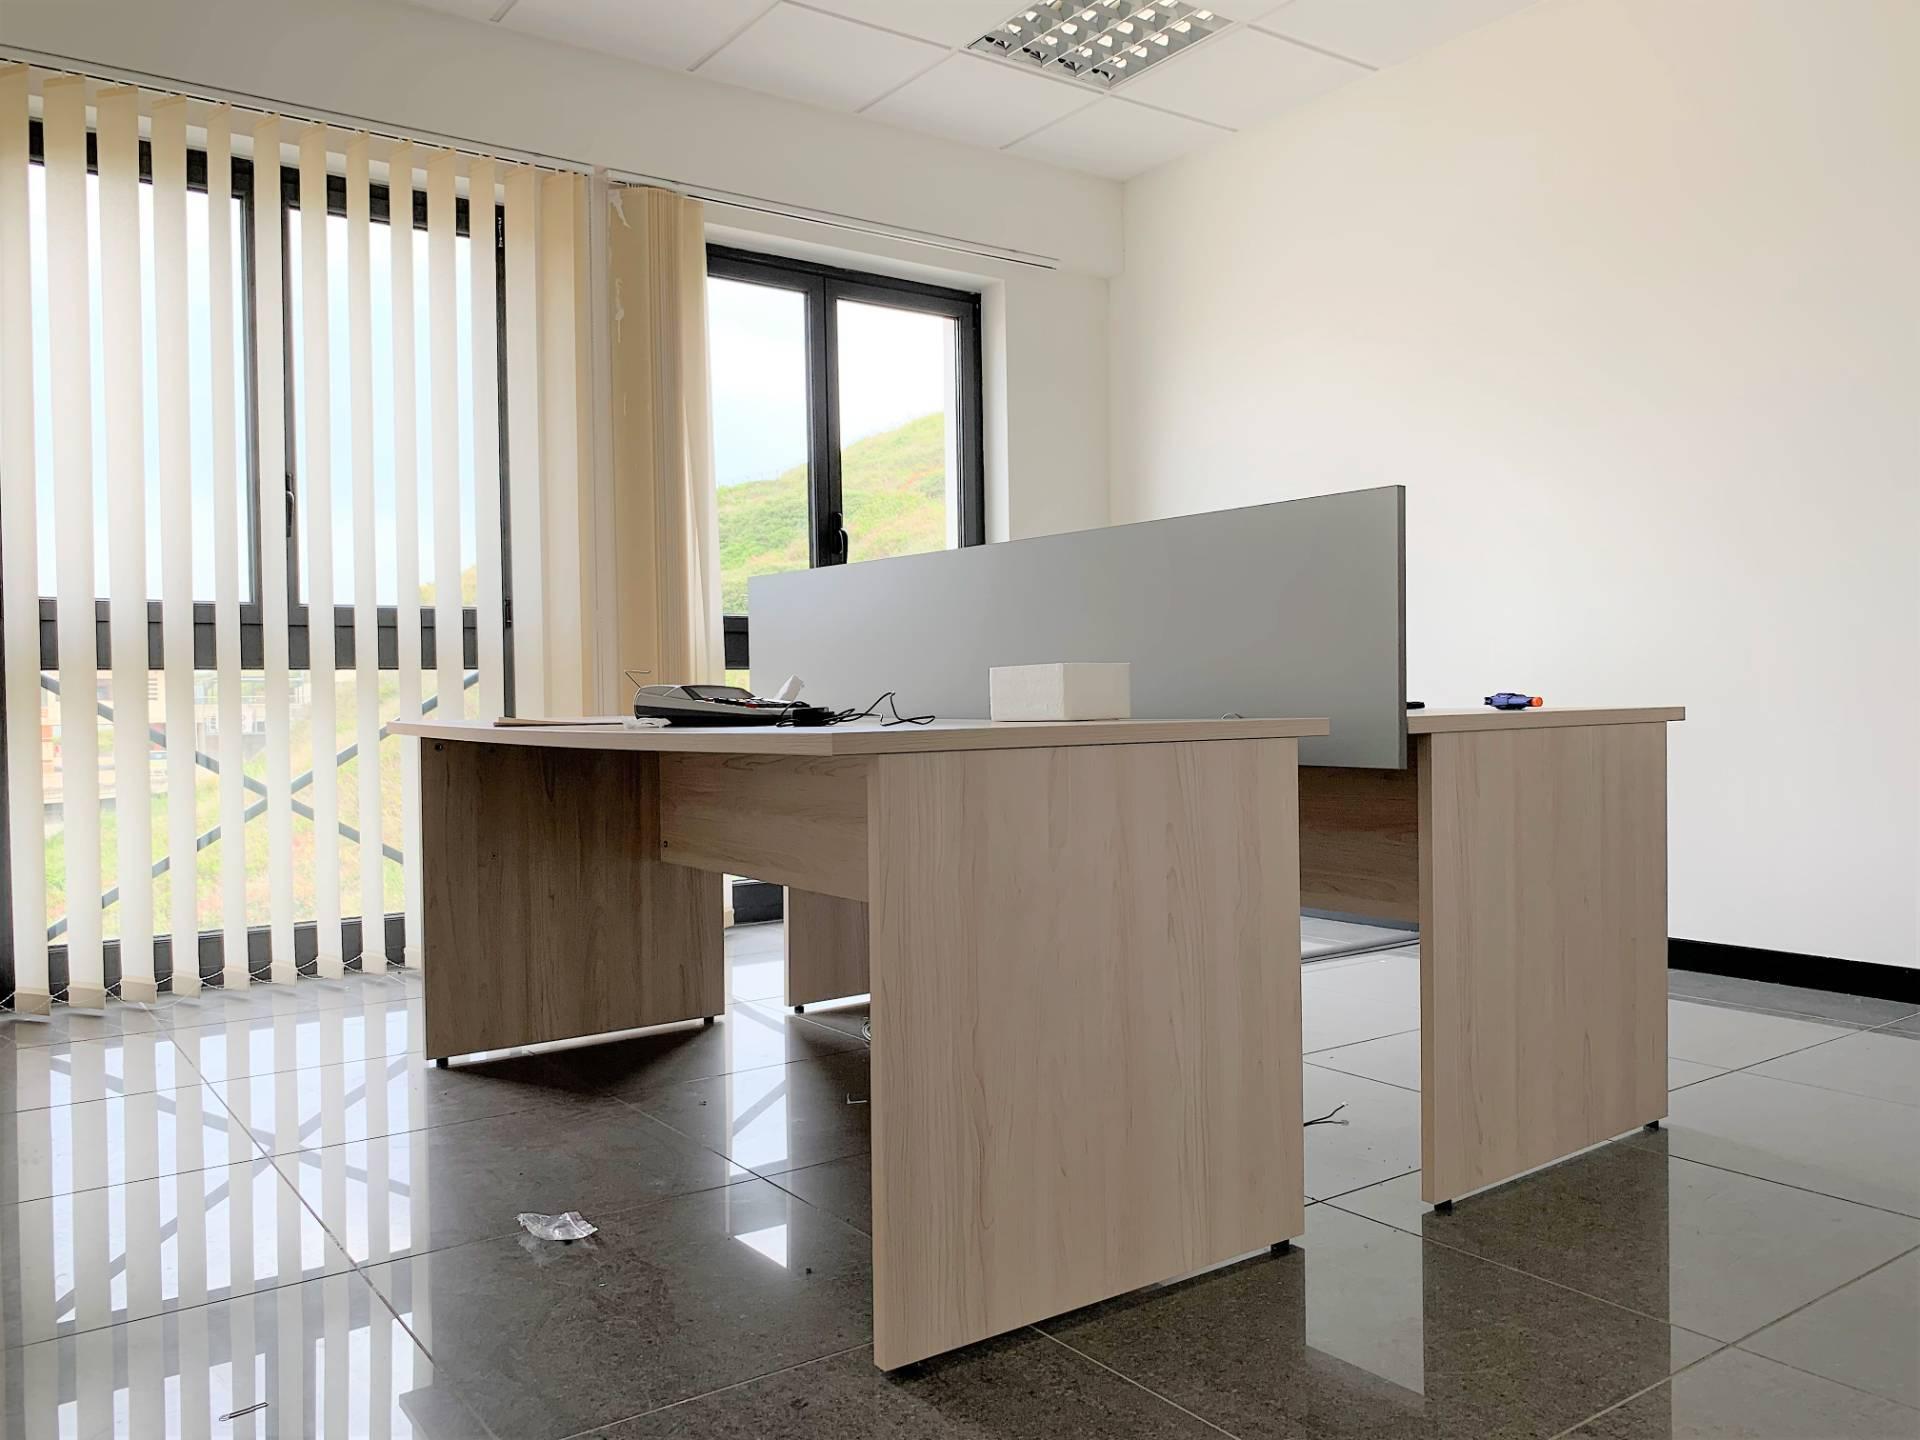 Ufficio / Studio in vendita a Catanzaro, 9999 locali, zona Località: CatanzaroSud, prezzo € 85.000 | CambioCasa.it